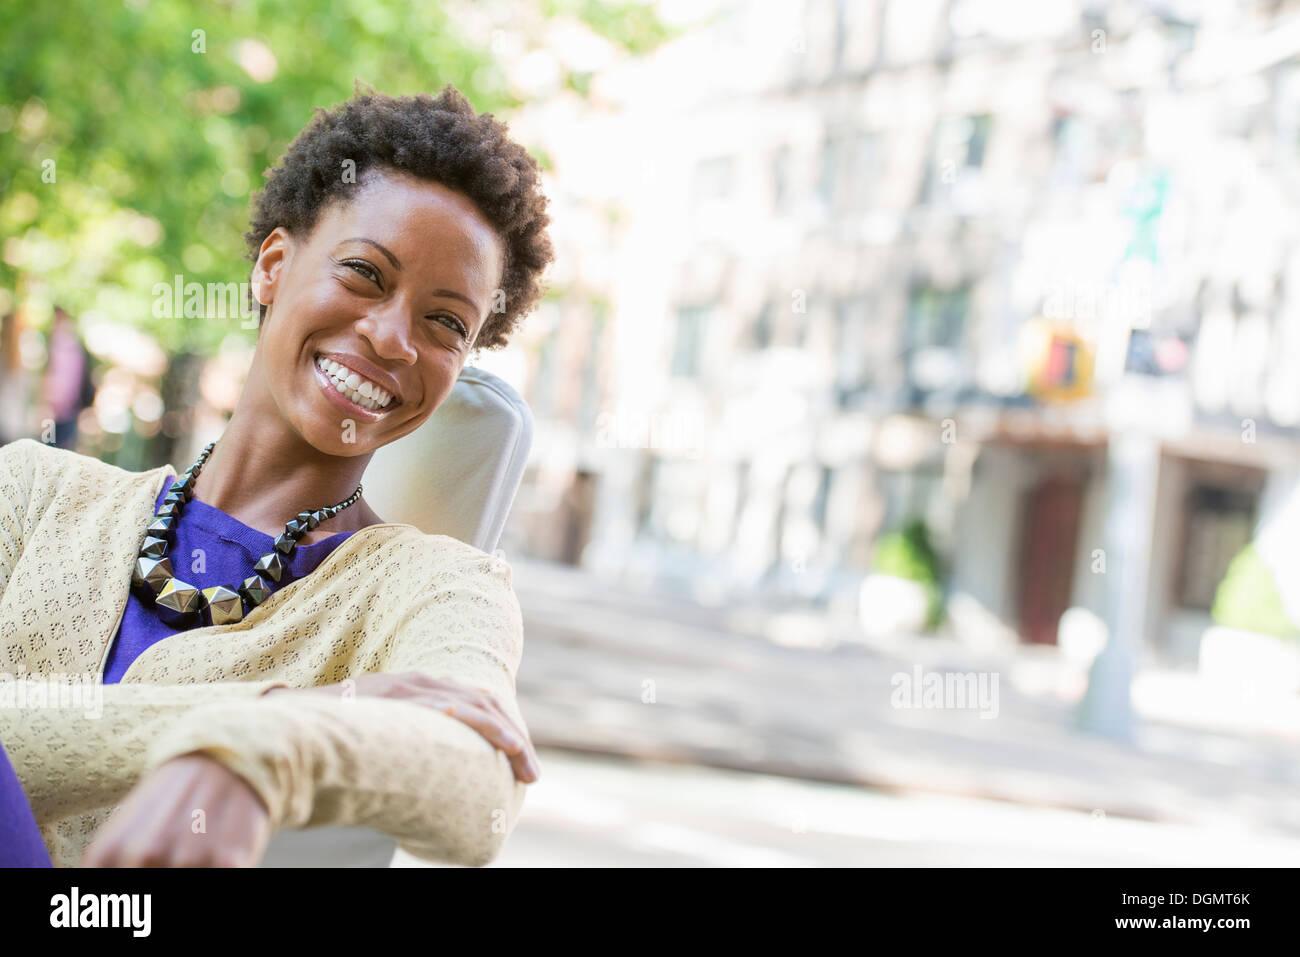 La vie en ville. Une femme assise à l'air libre dans un parc de la ville. Photo Stock